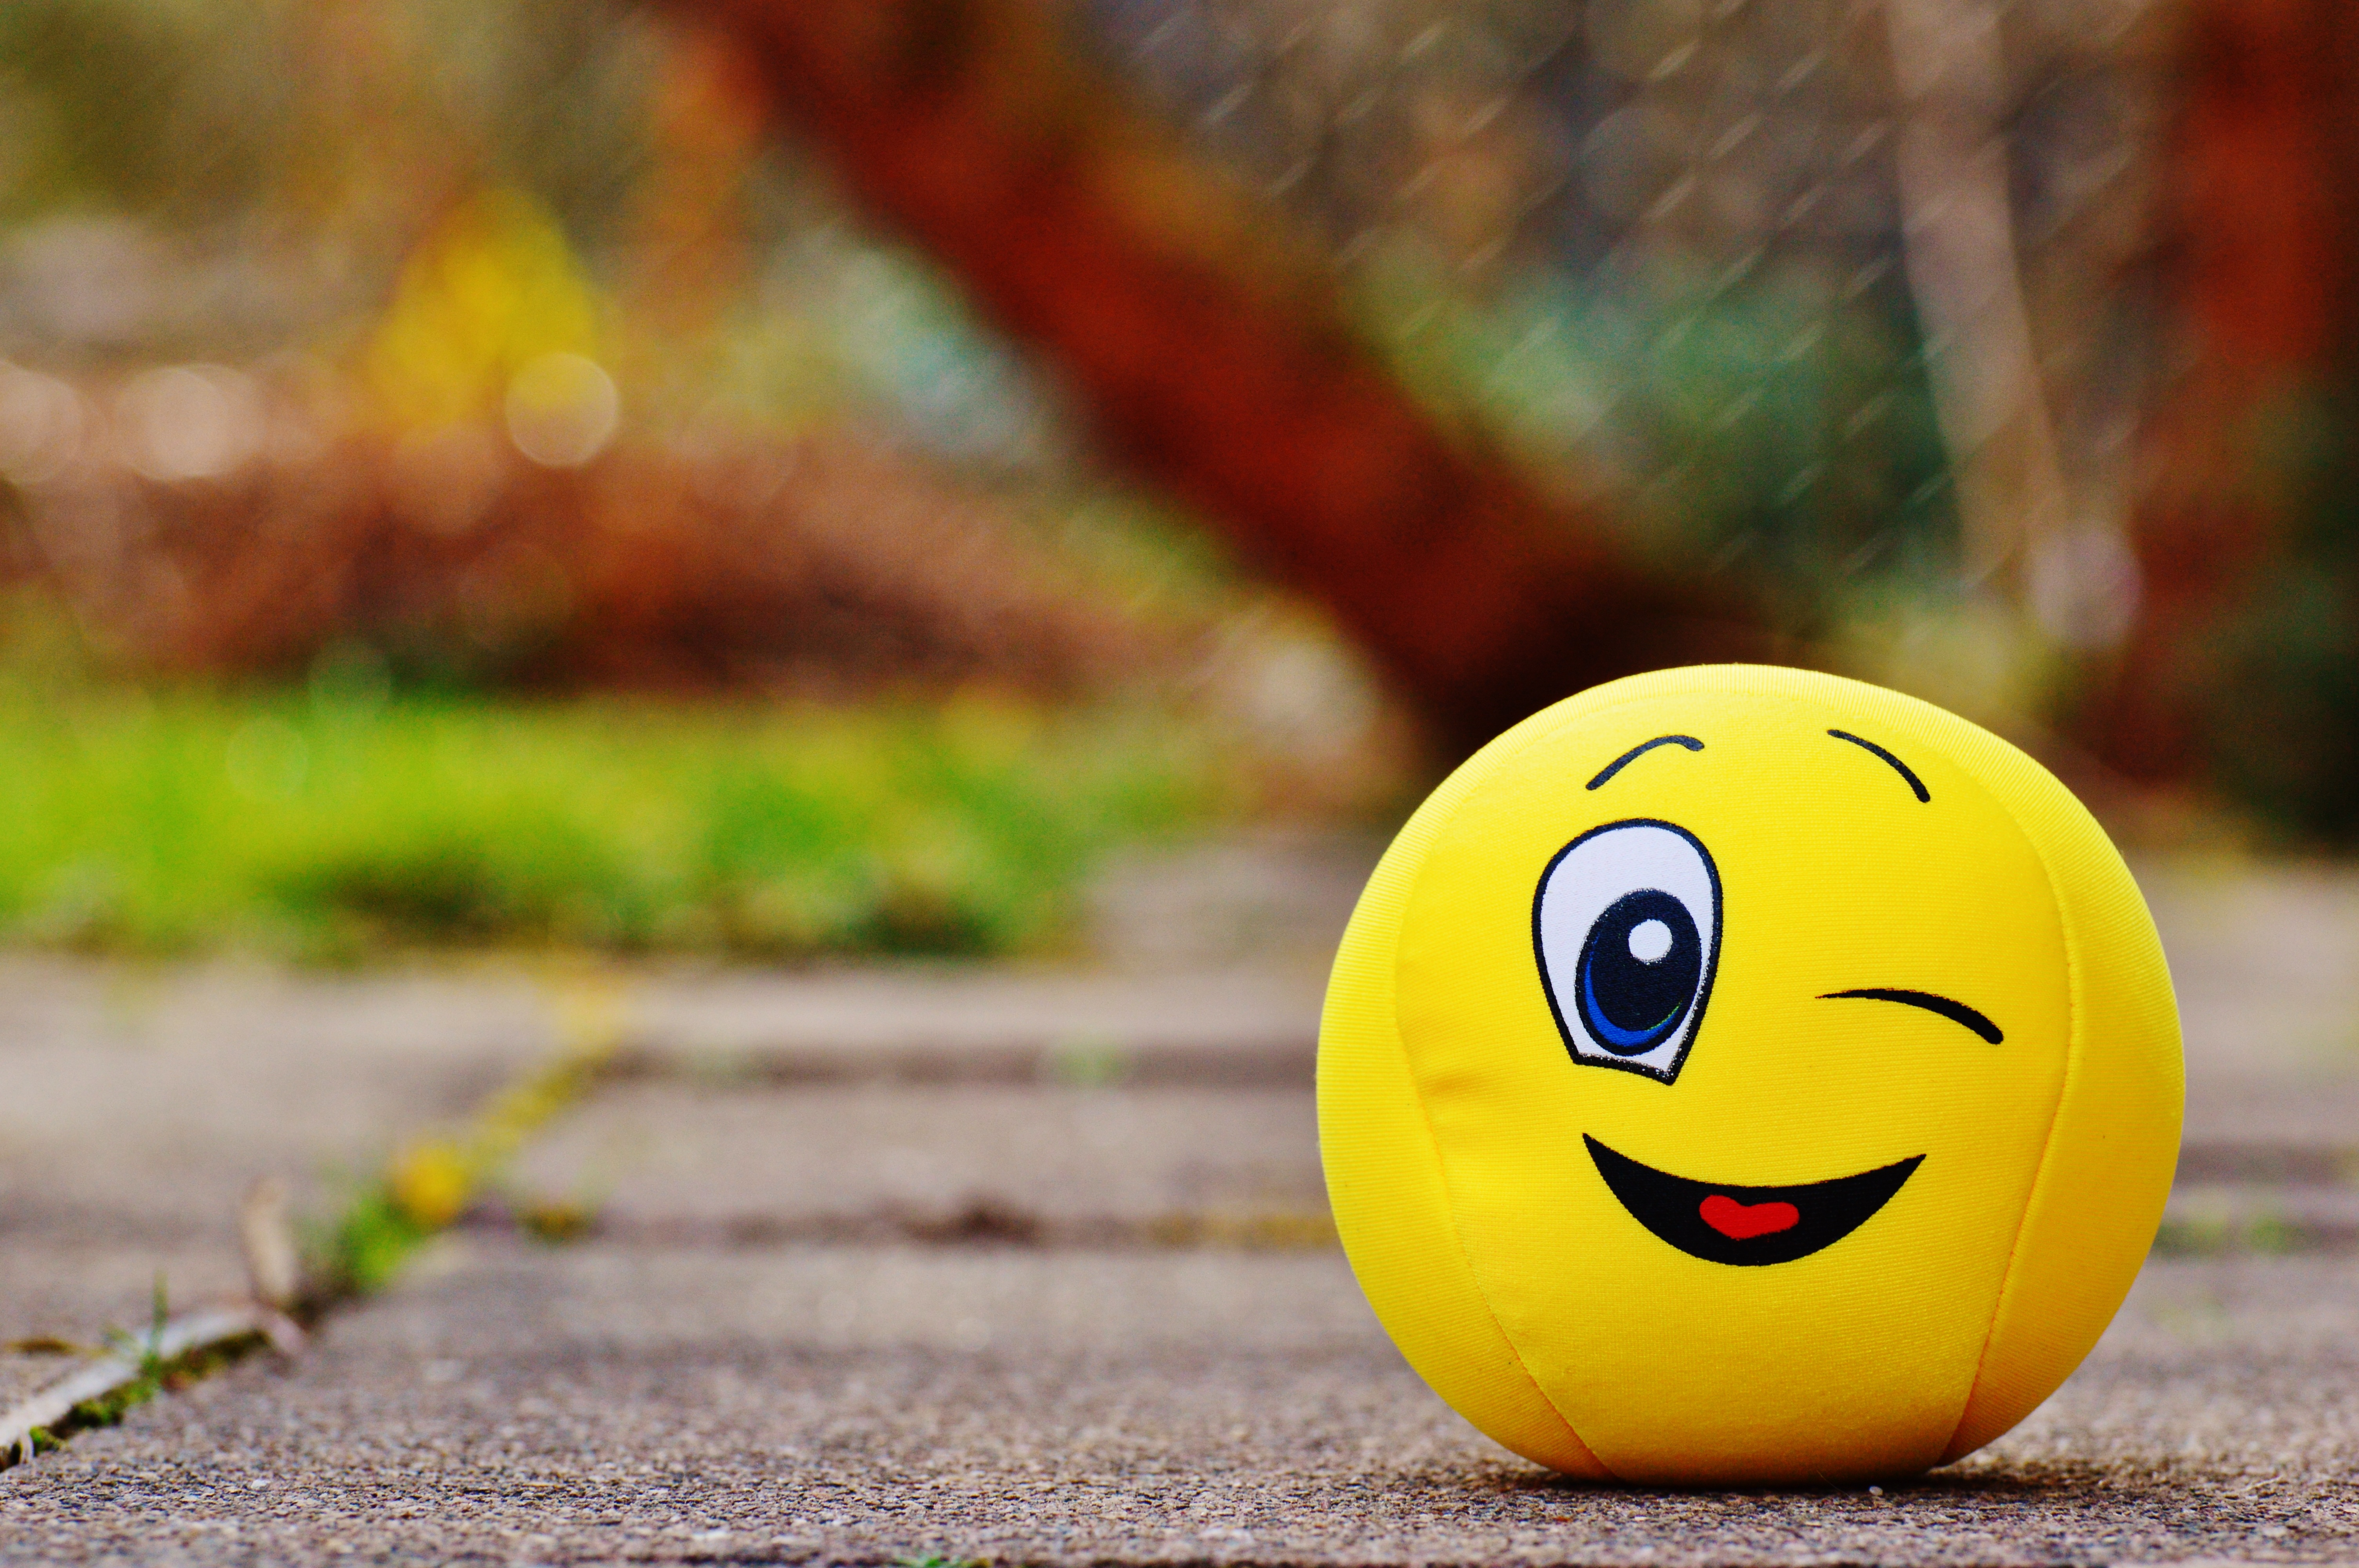 85922 Hintergrundbild herunterladen Spielzeug, Verschiedenes, Sonstige, Lächeln, Ball, Emoticon, Smiley, Spaß, Fröhlich - Bildschirmschoner und Bilder kostenlos